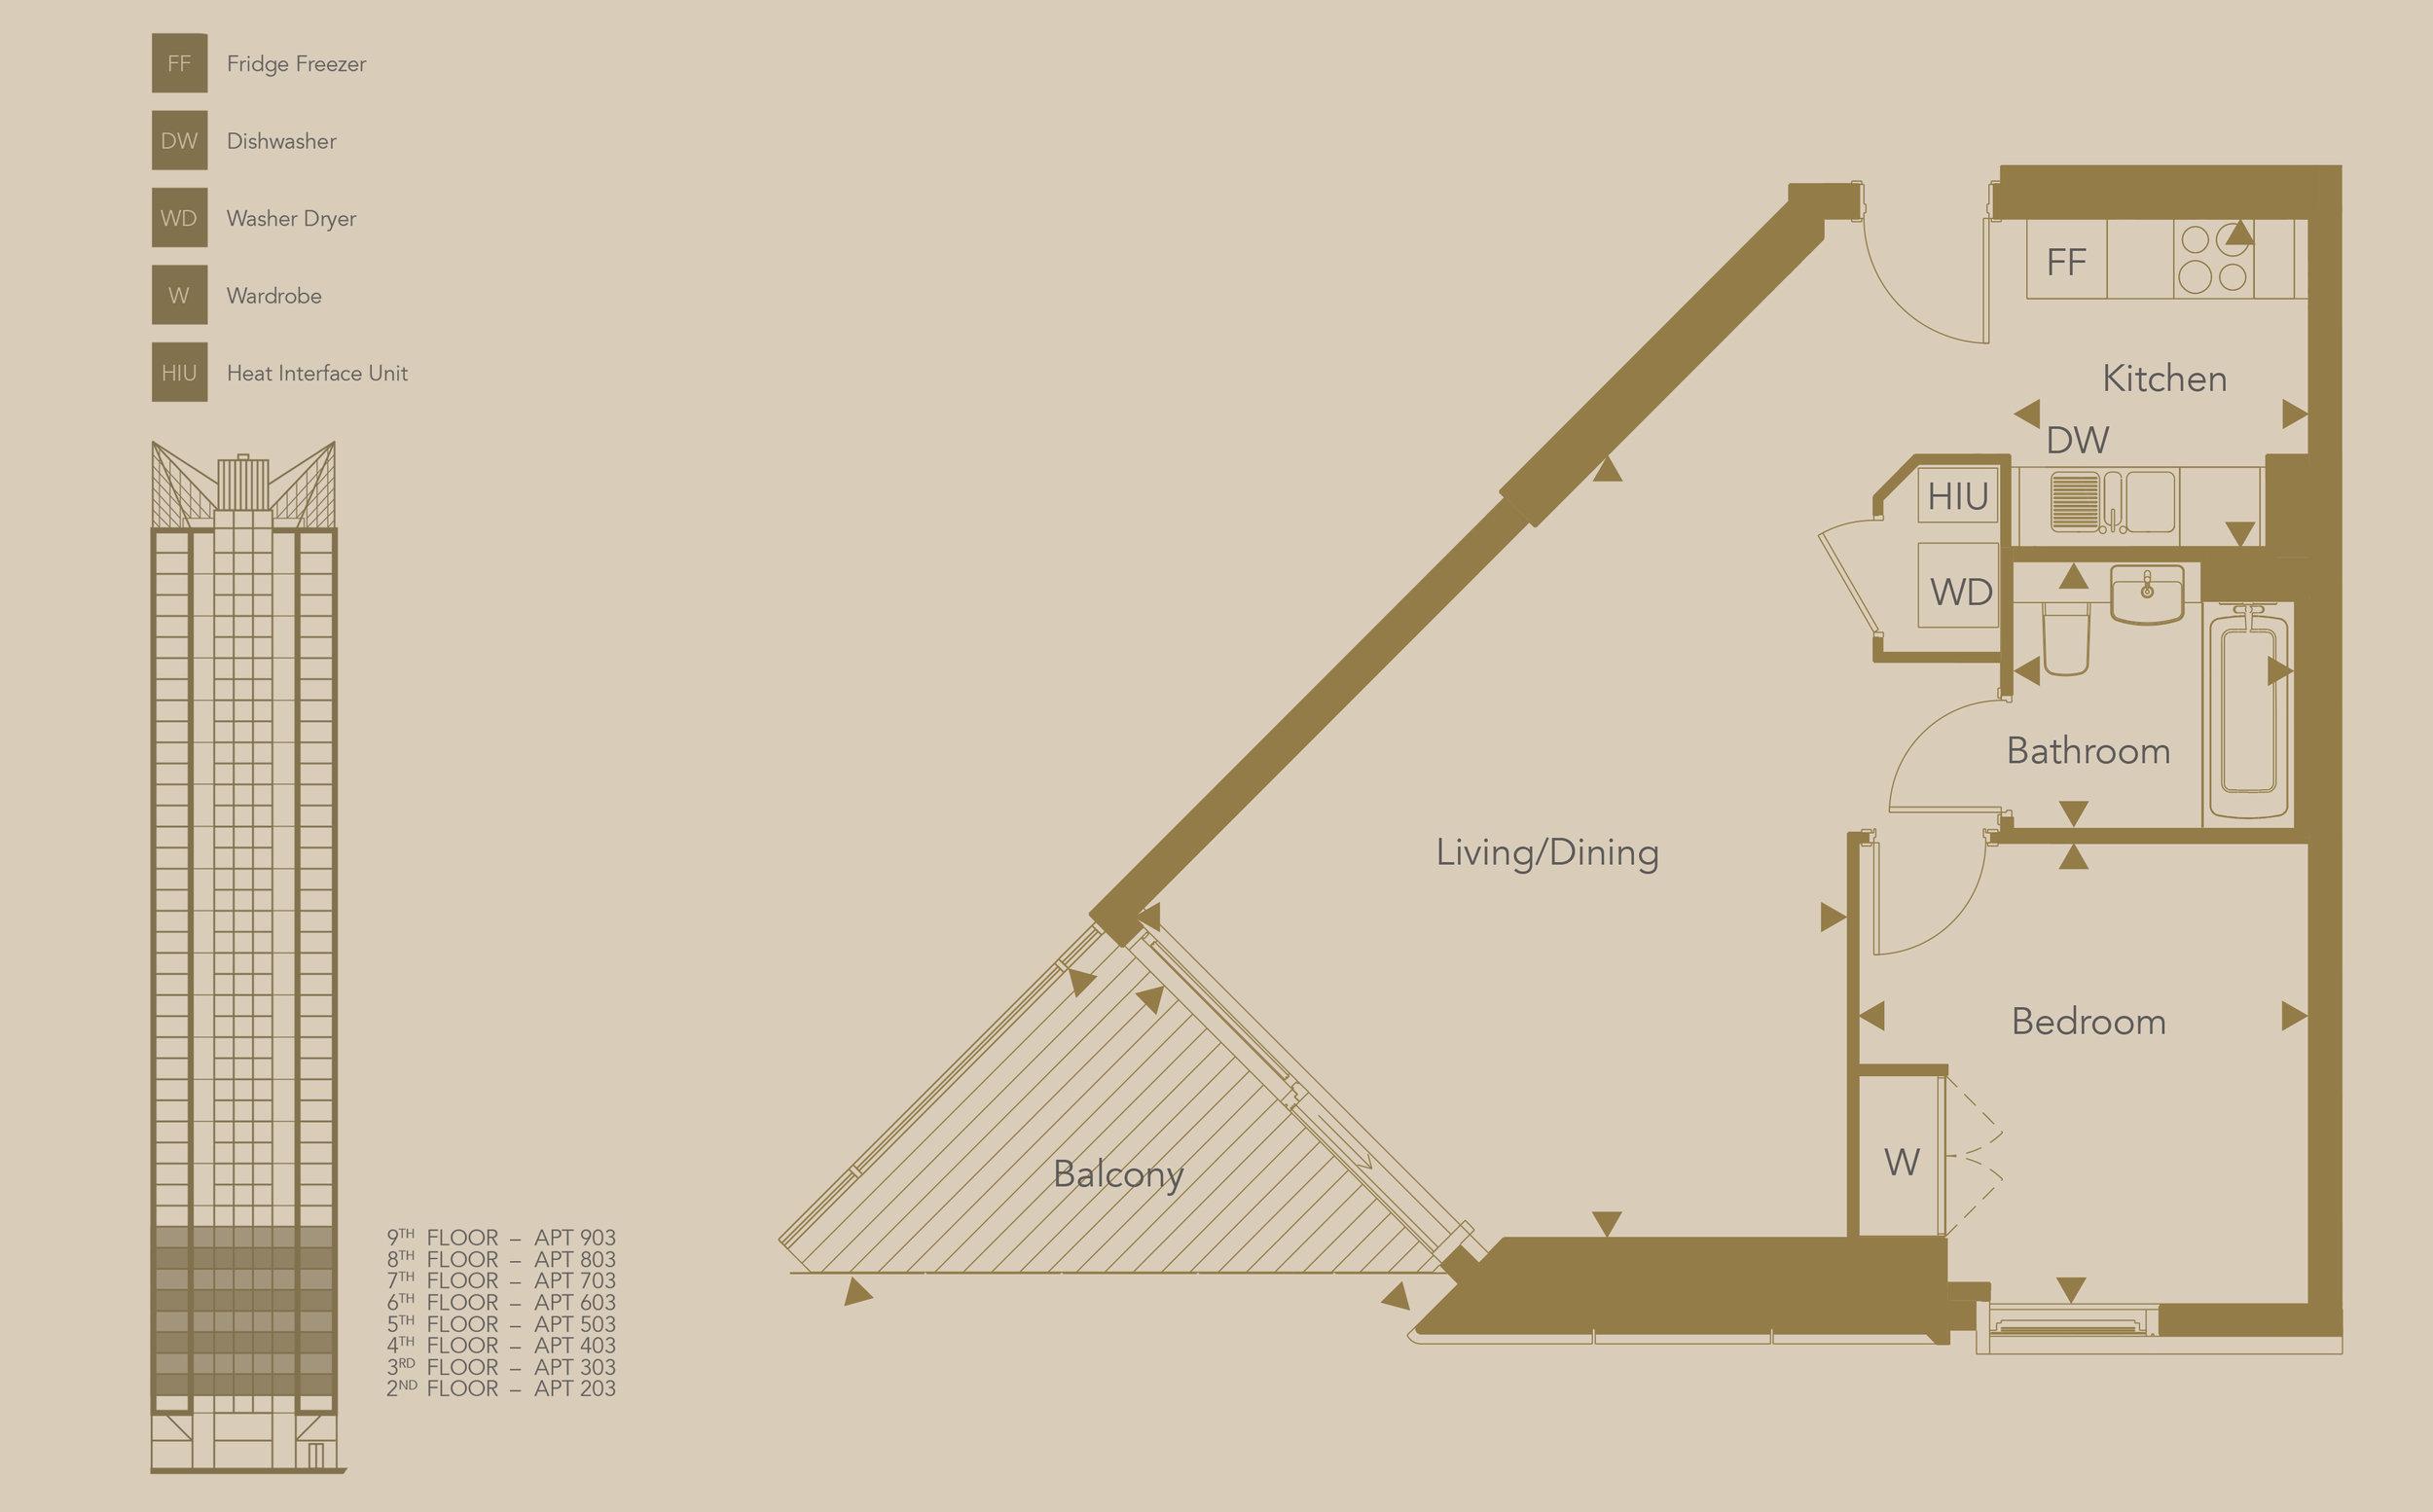 Castillia Floor plan.jpg